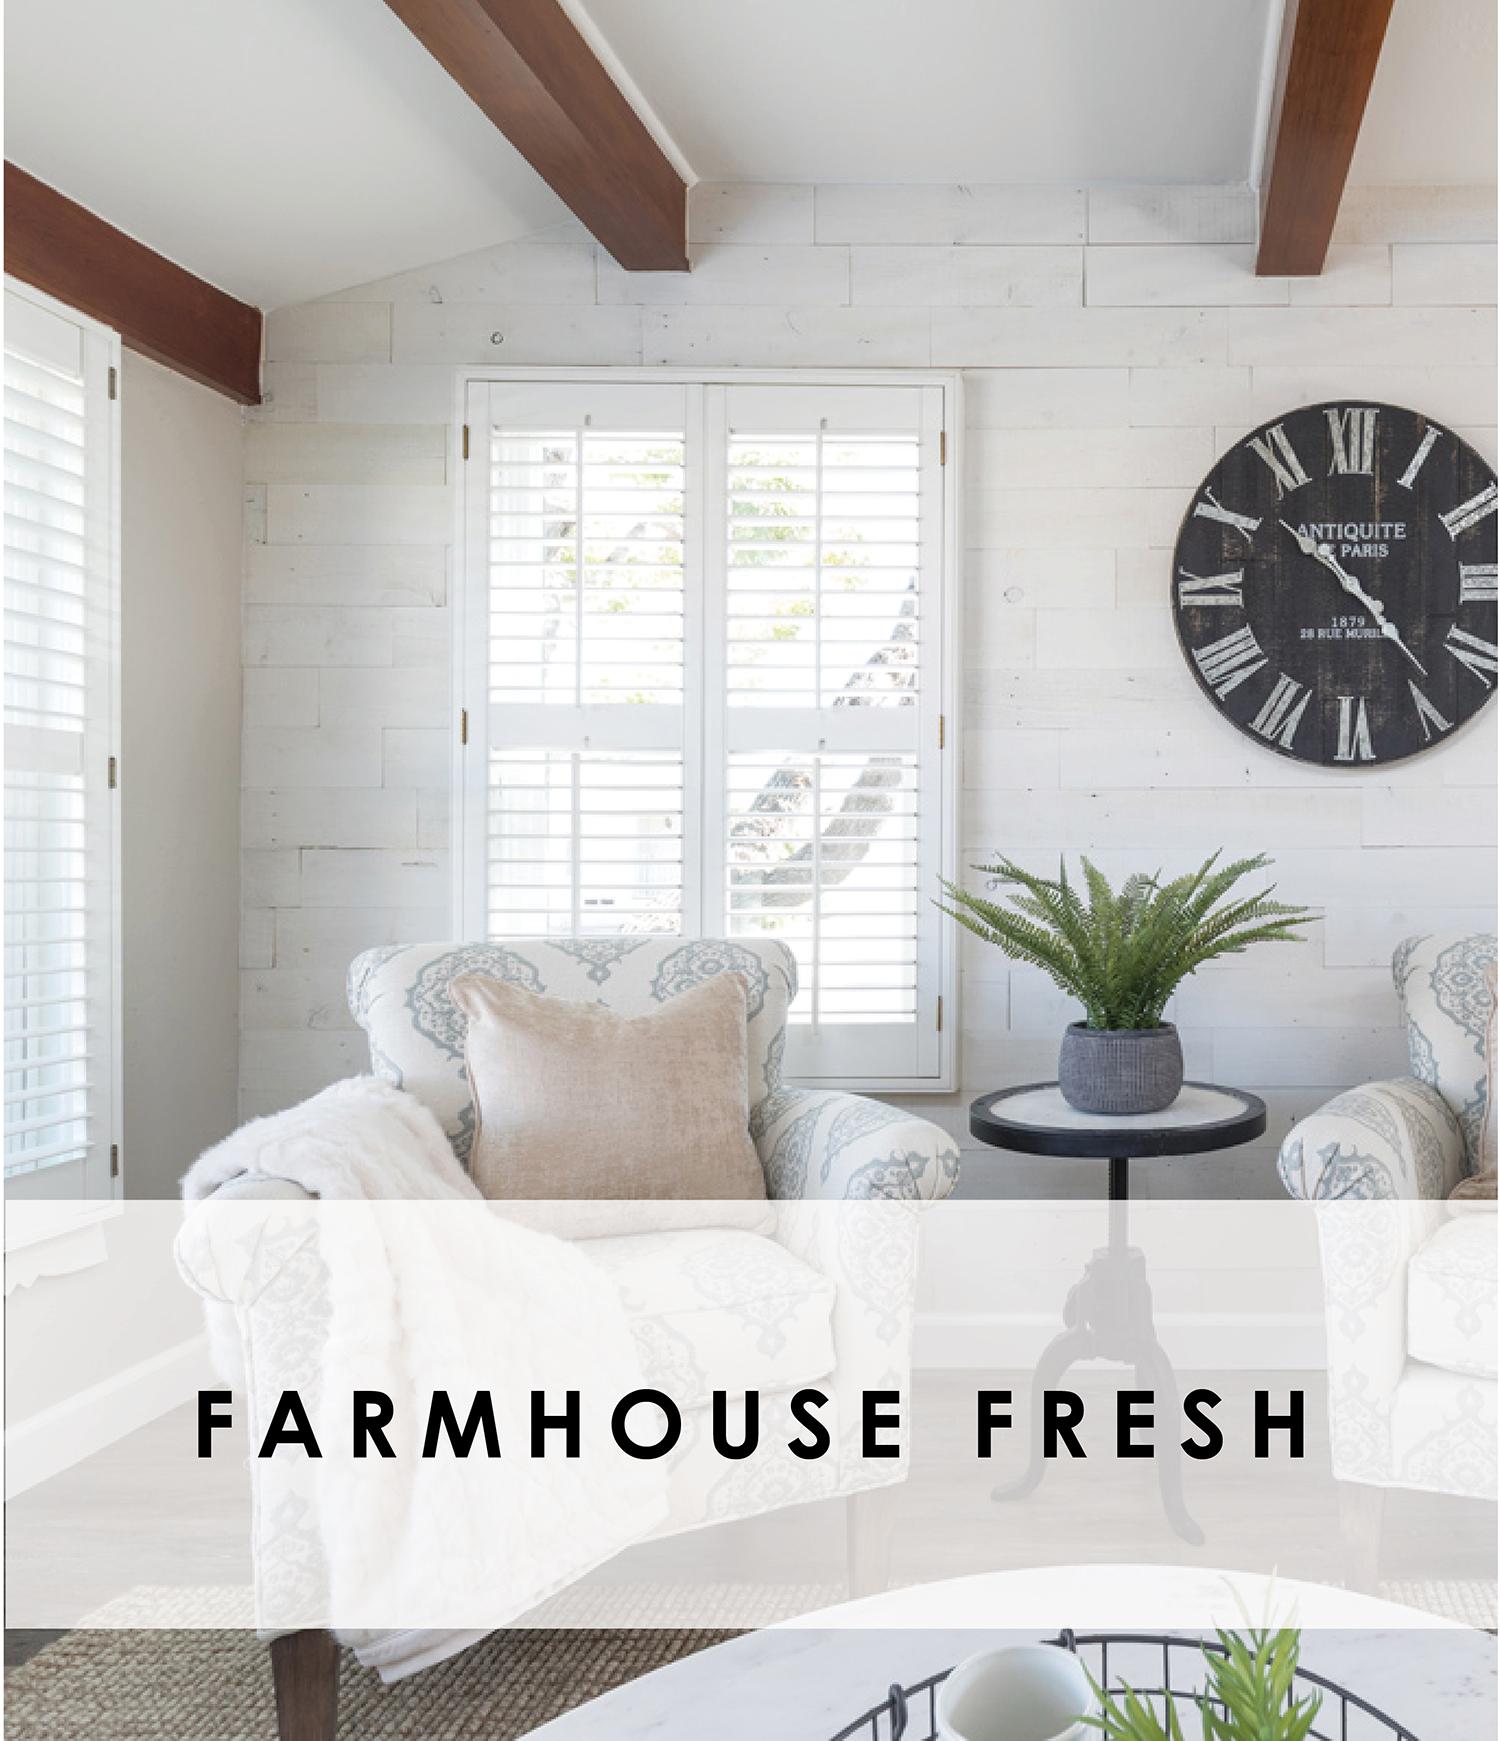 Farmhouse Fresh.jpg